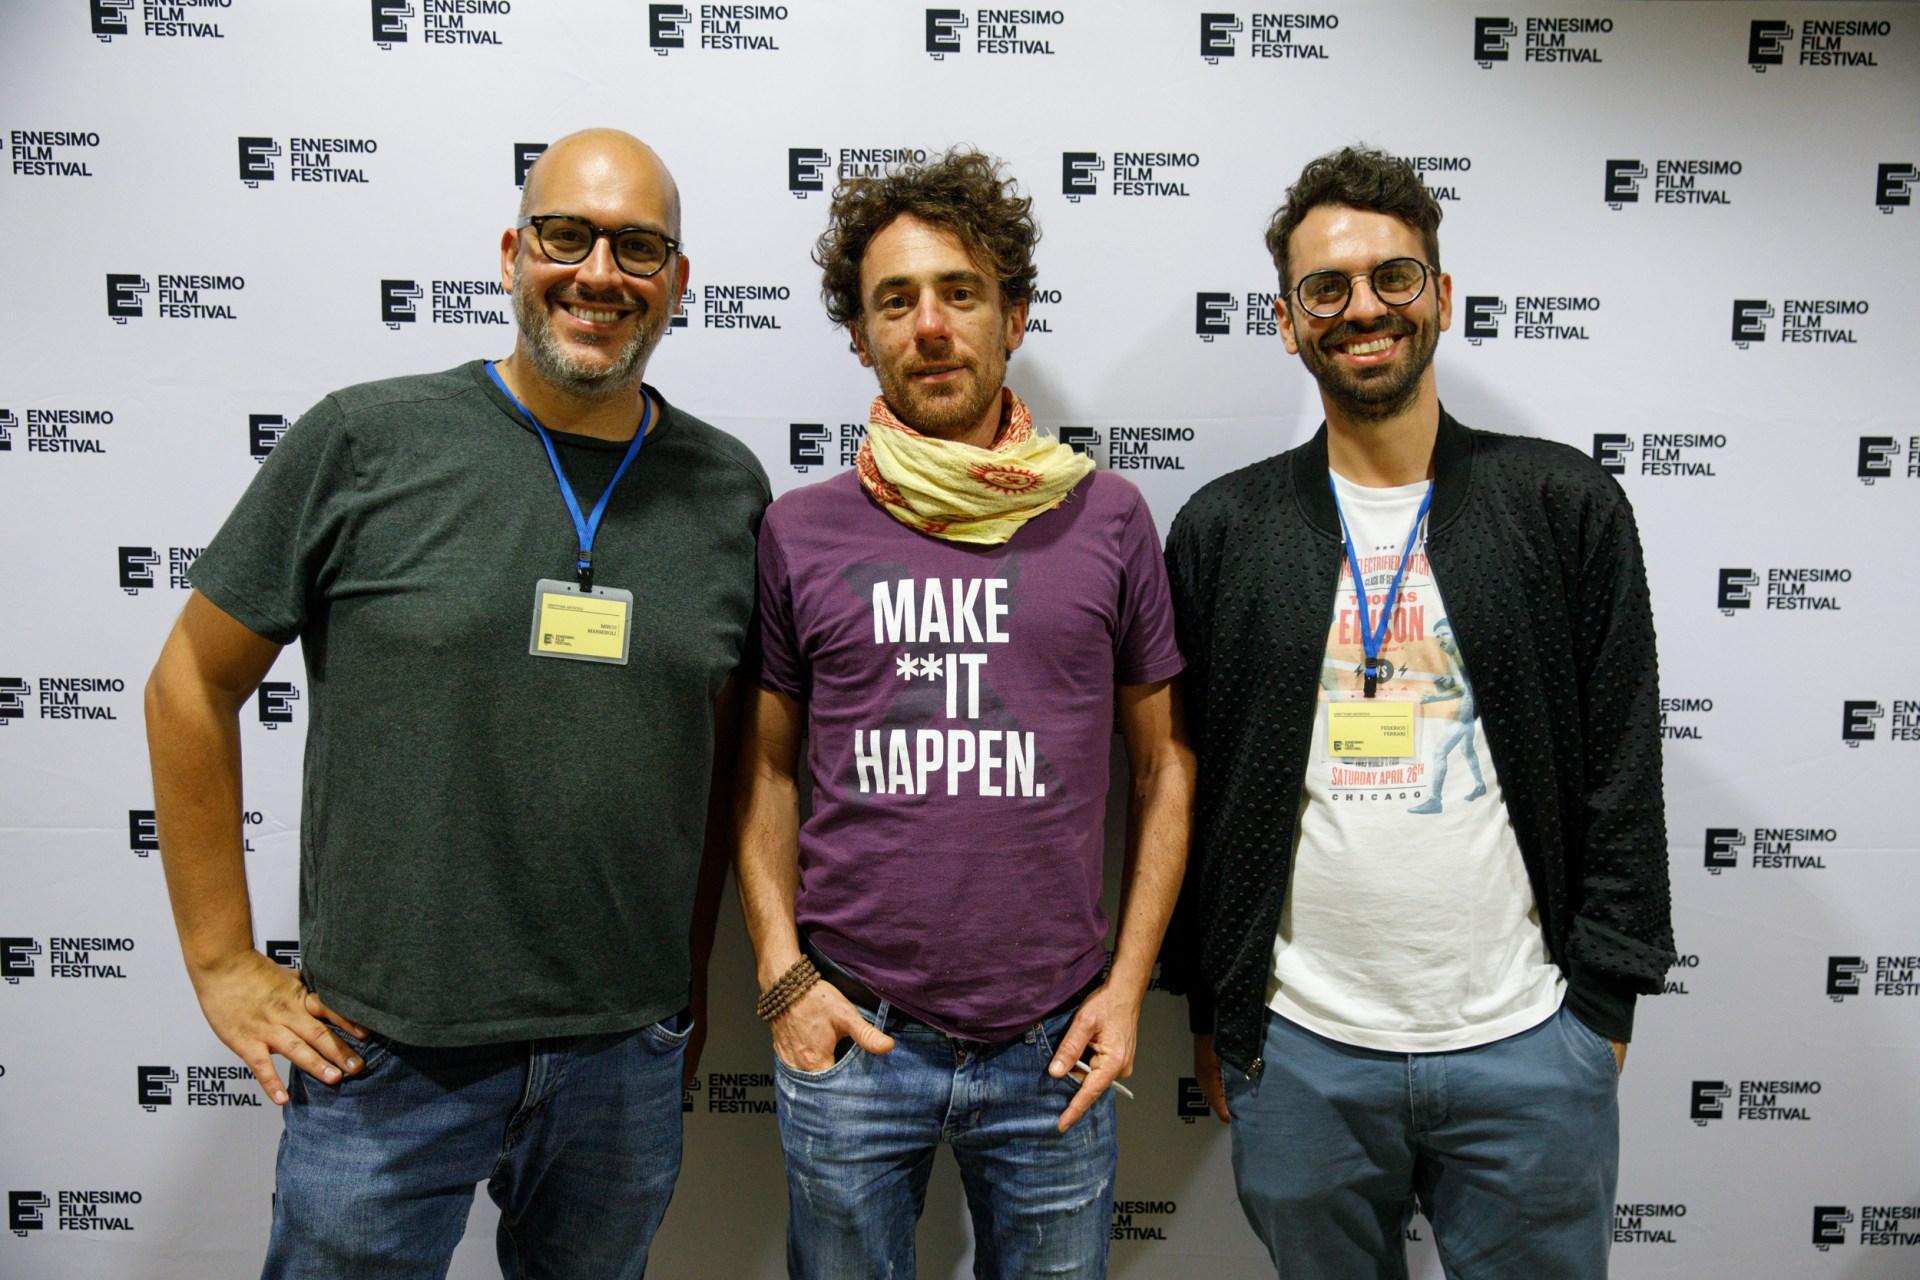 ennesimo film festival 2021